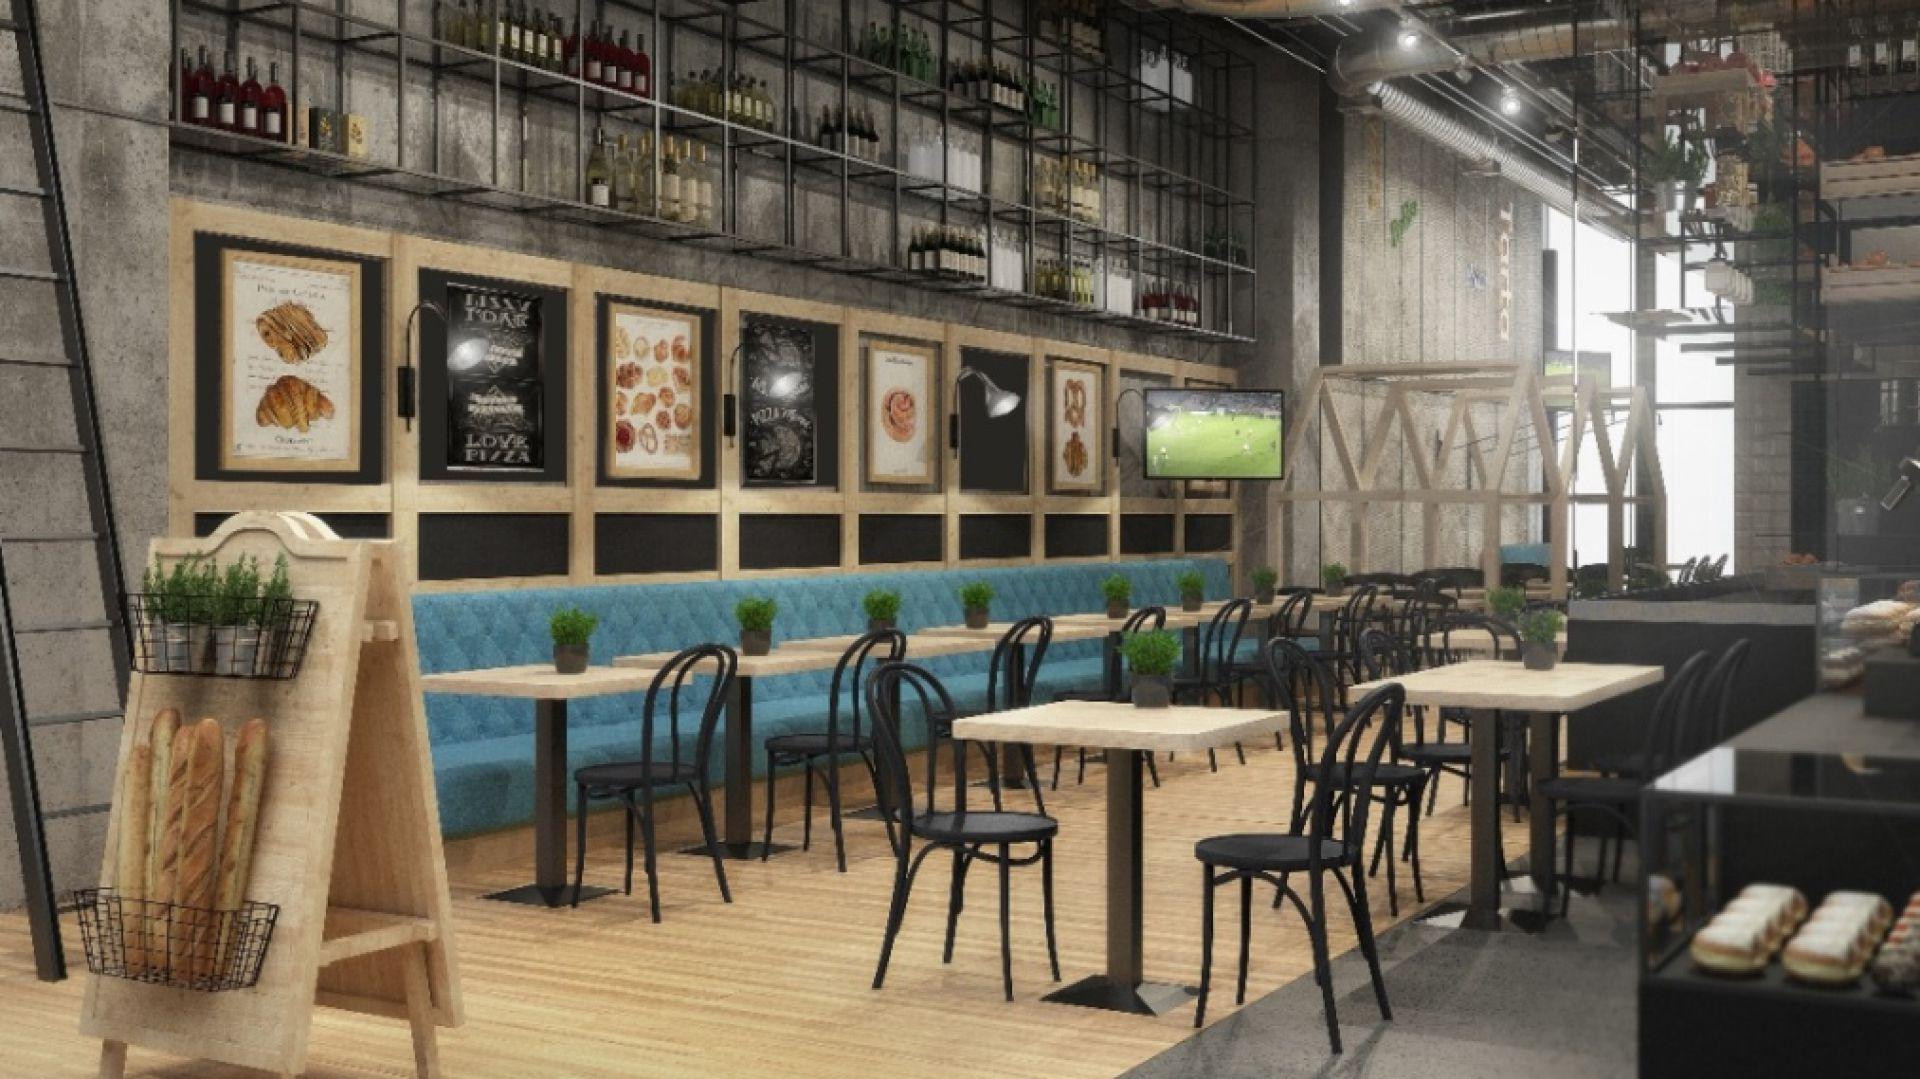 Wizualizacja restauracji Alo Alo. Fot. Forbis Group